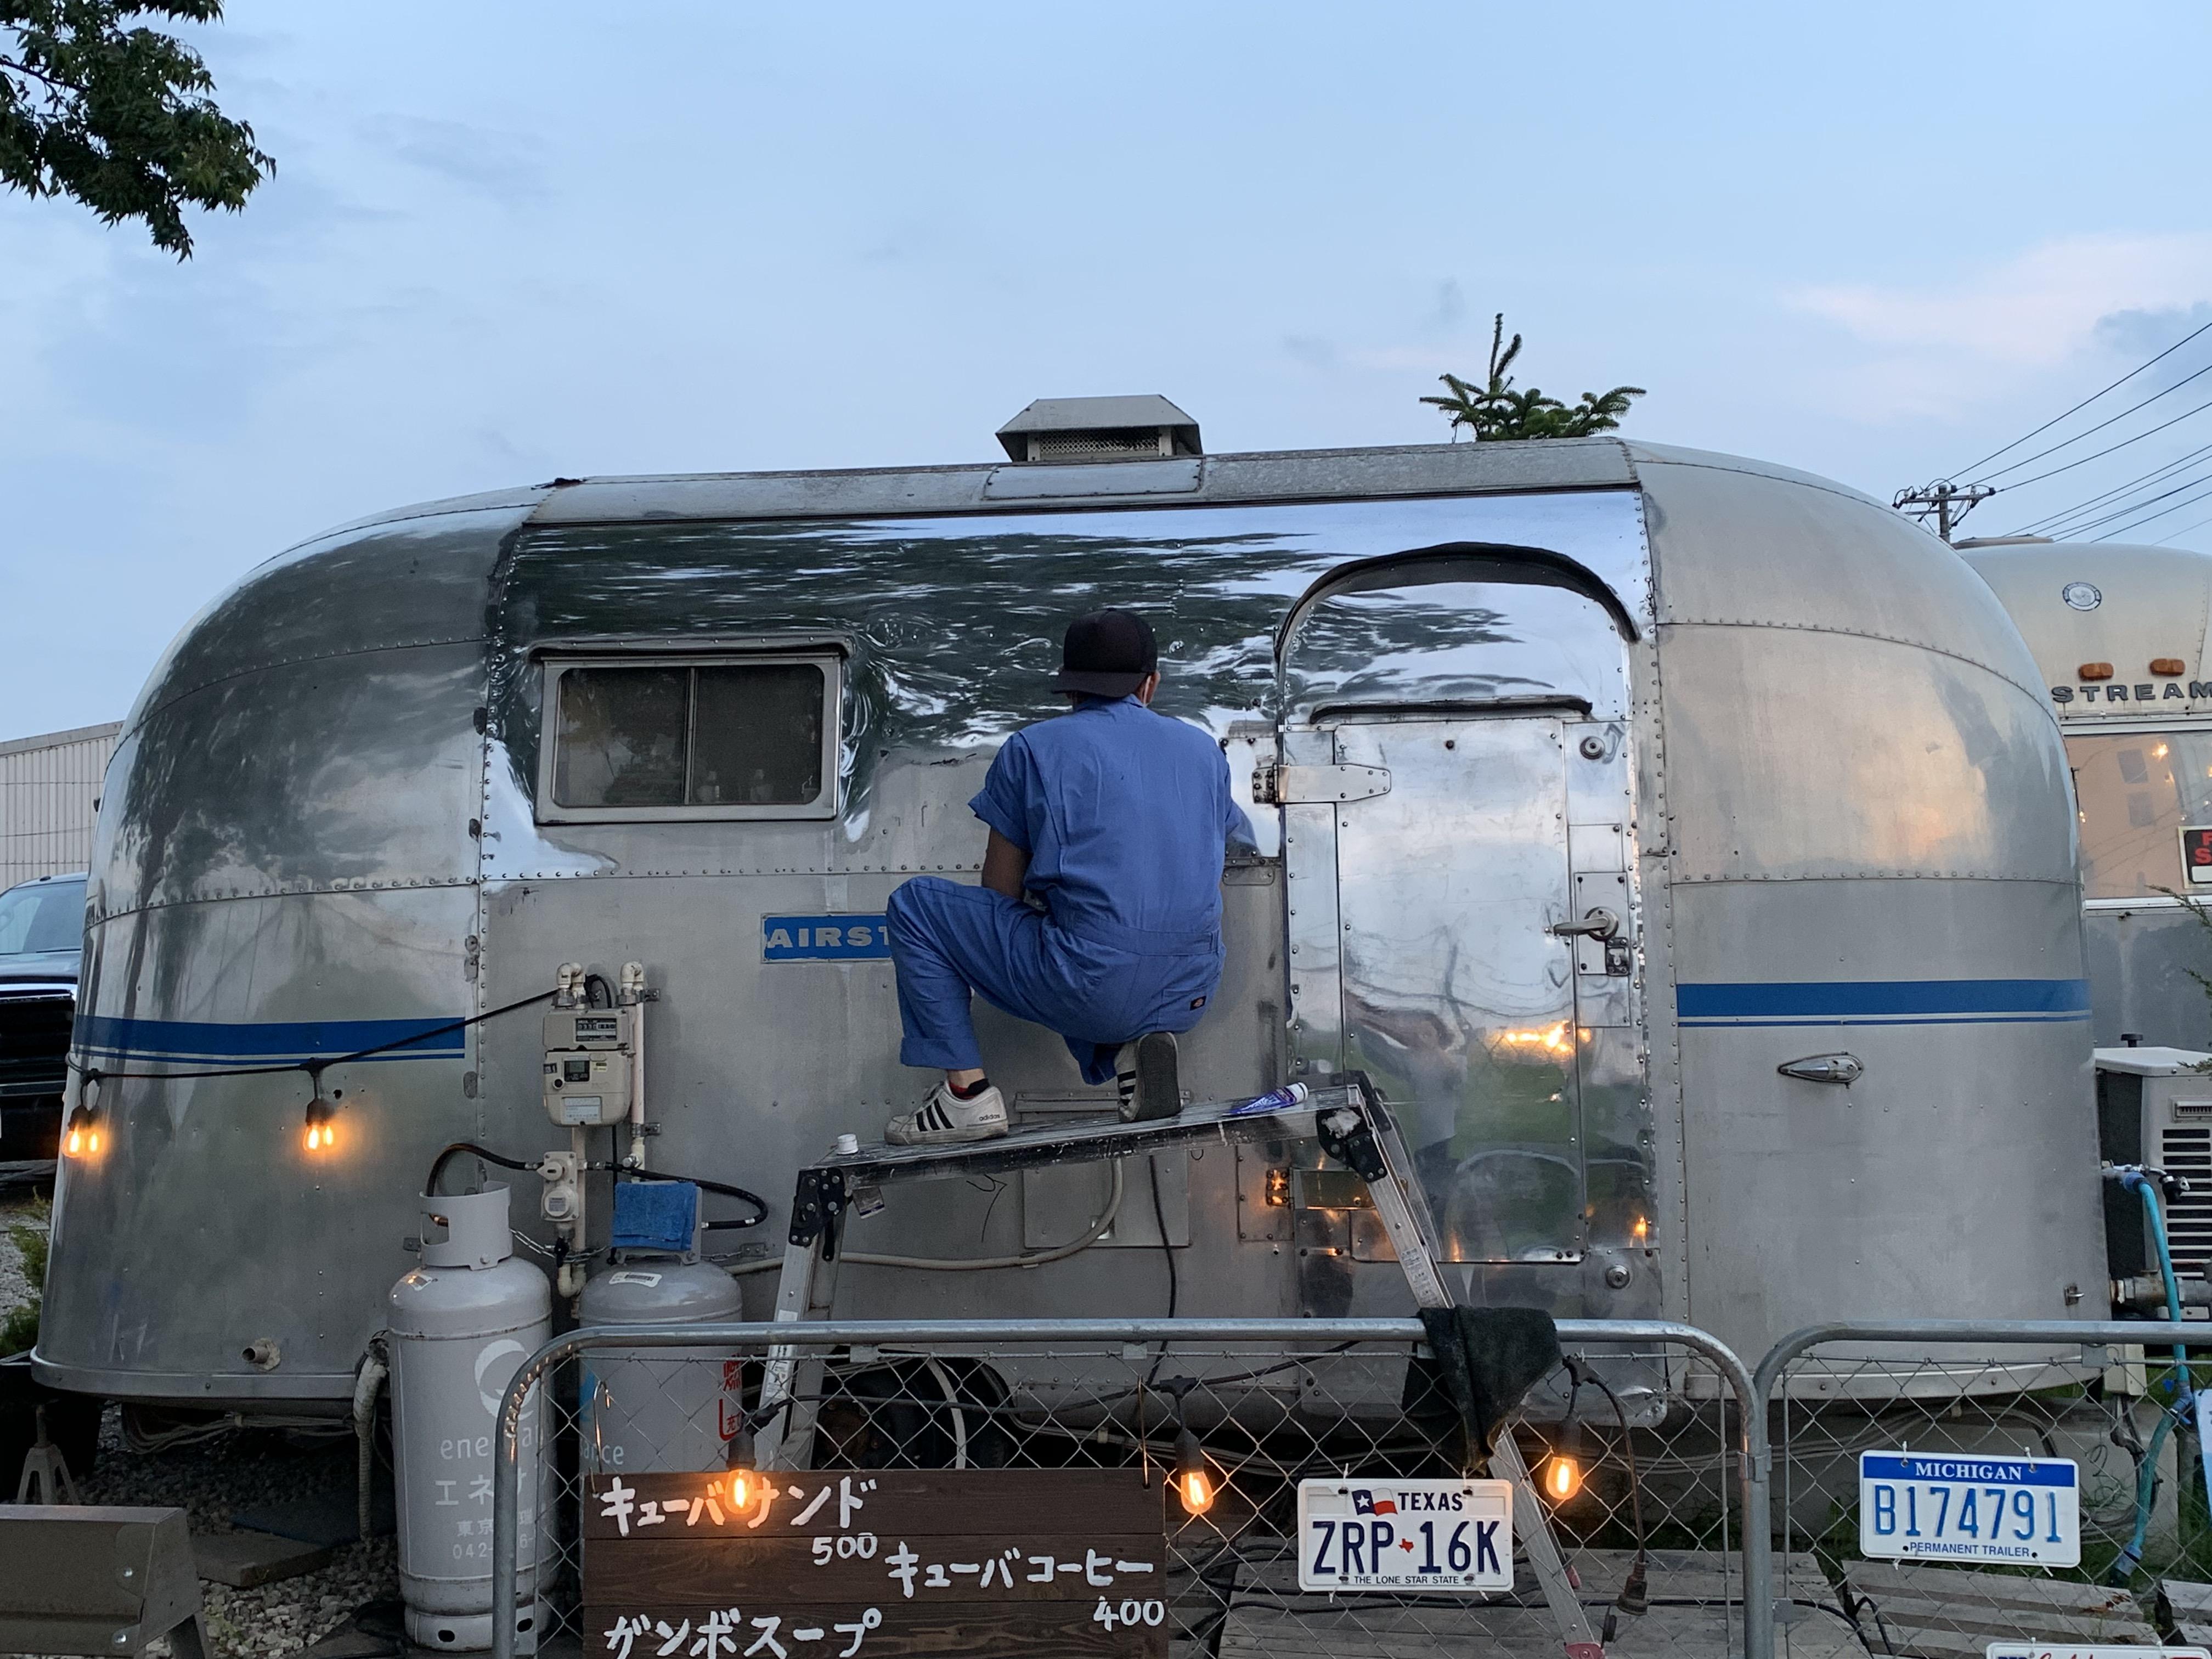 株式会社ガレージランド エアストリーム 輸入販売 在庫車 ヴィンテージ 埼玉県狭山市